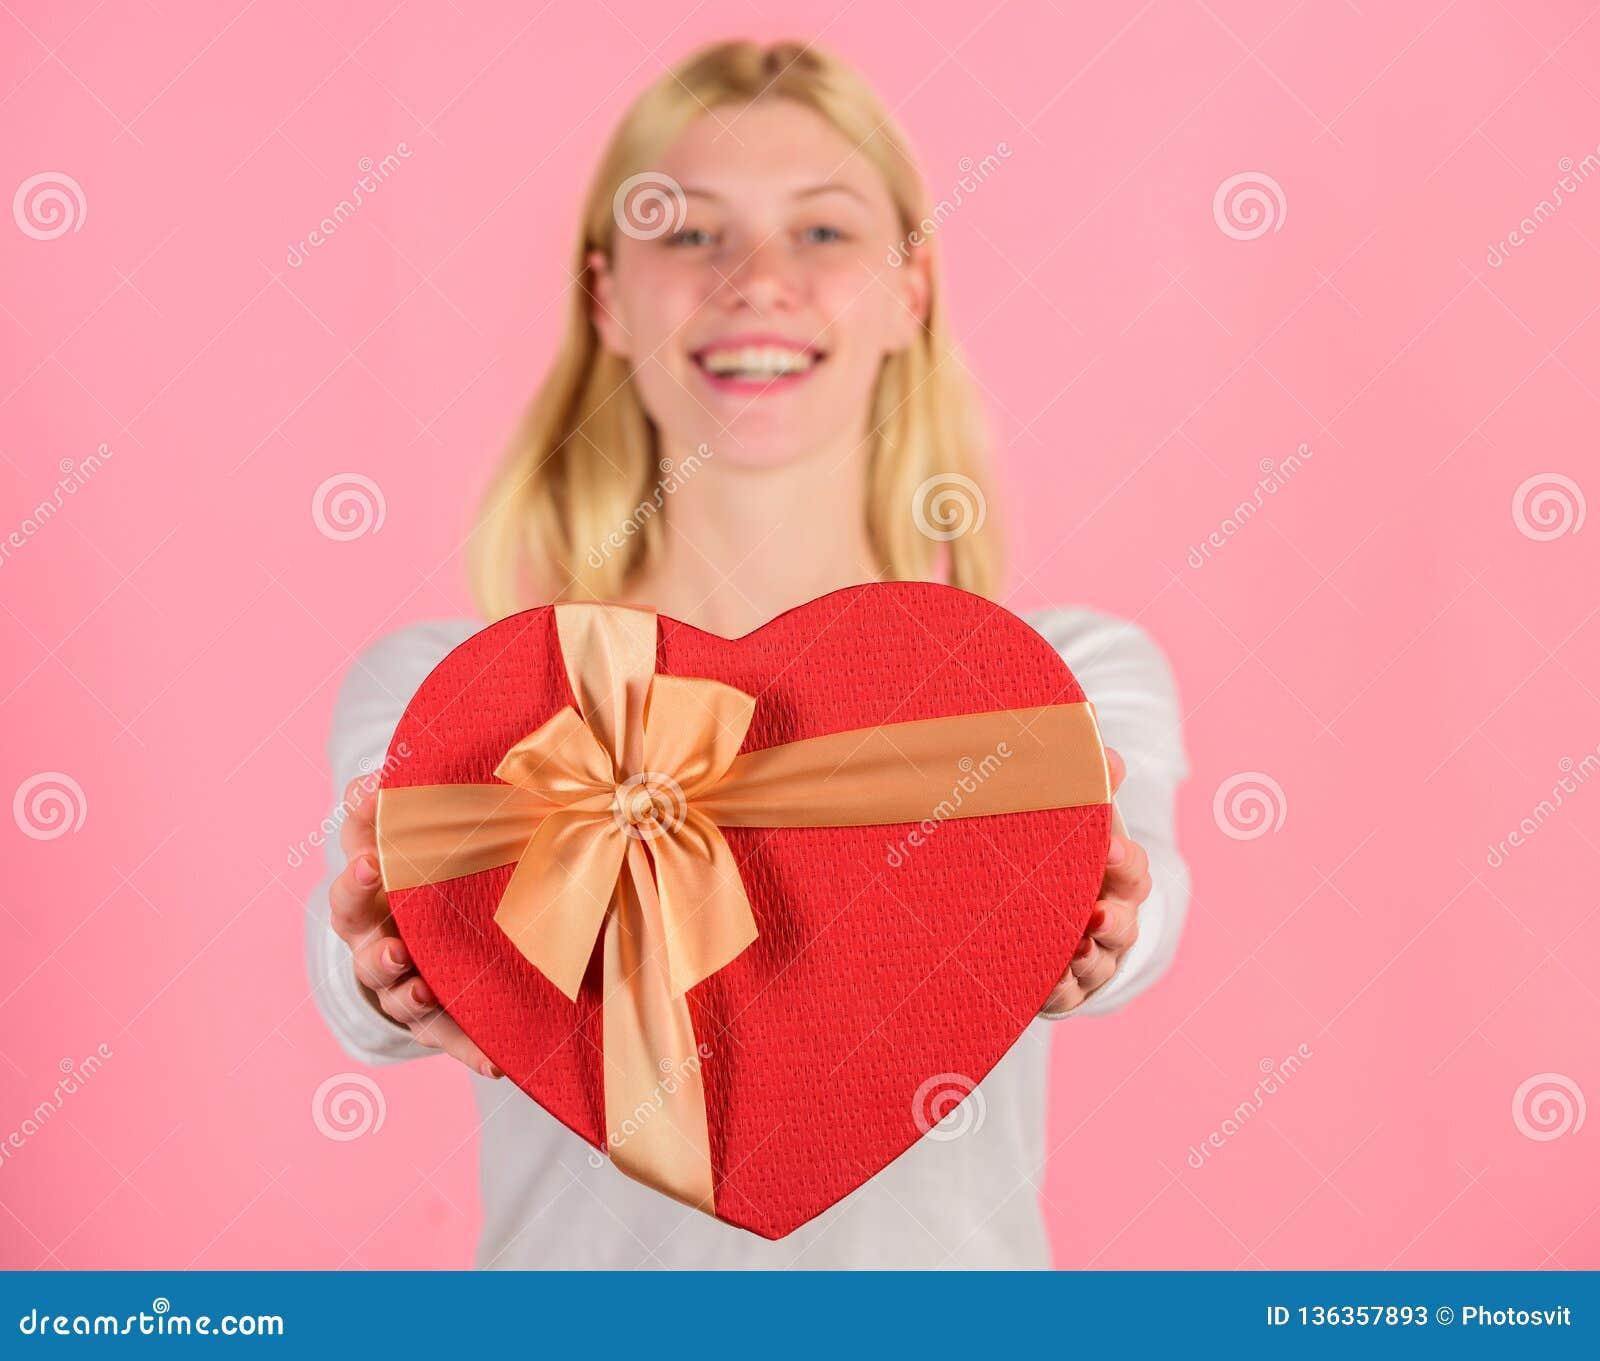 Le mani femminili tengono il contenitore di regalo Pronto qualche cosa di speciale per lui Lei persona romantica Regalo dei bigli